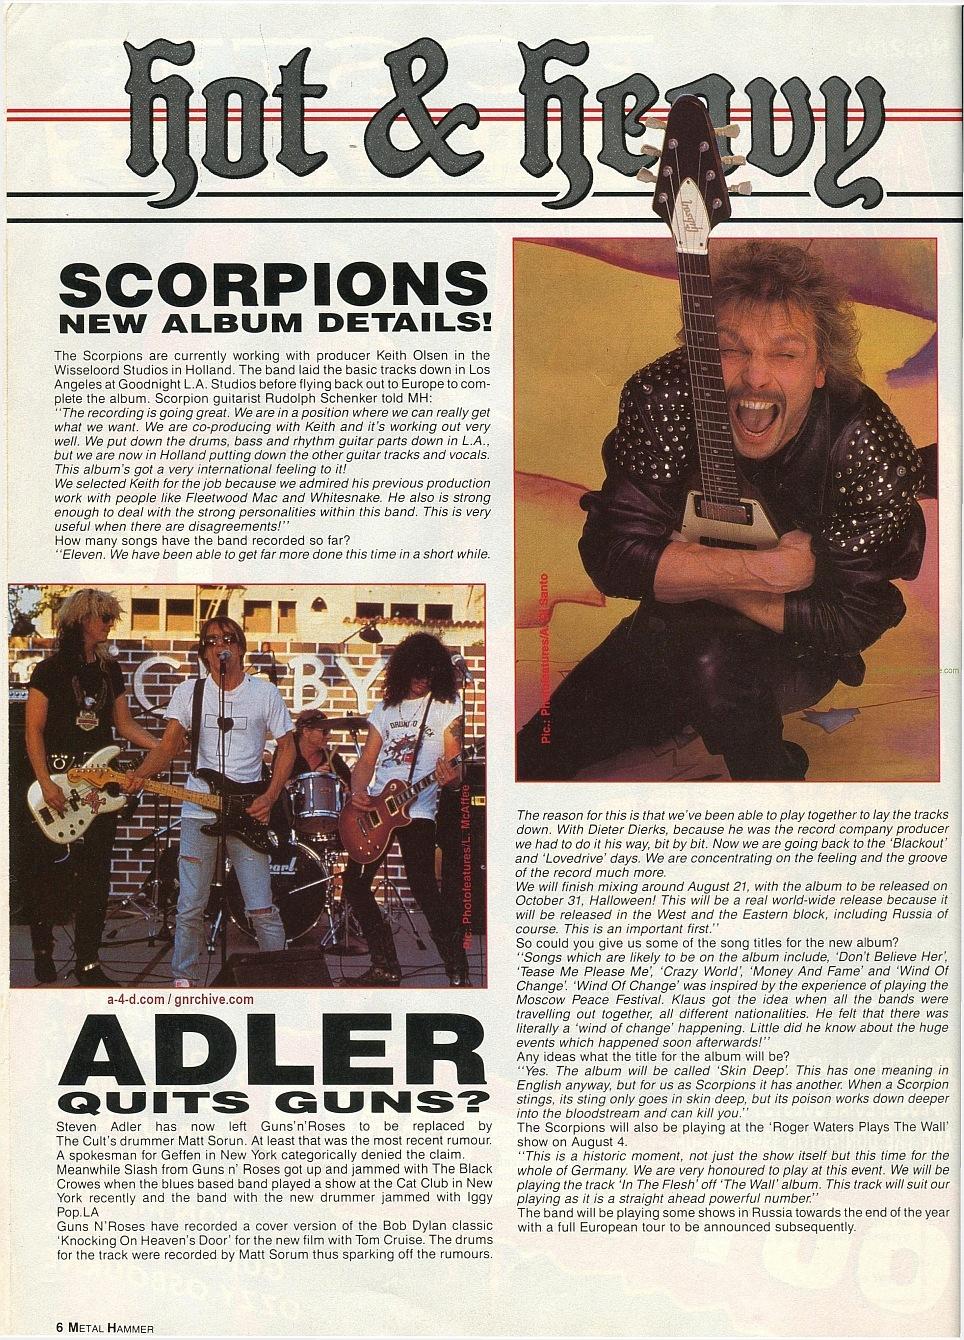 1990.07.30 - Metal Hammer - Adler Quits Guns? 1990-010